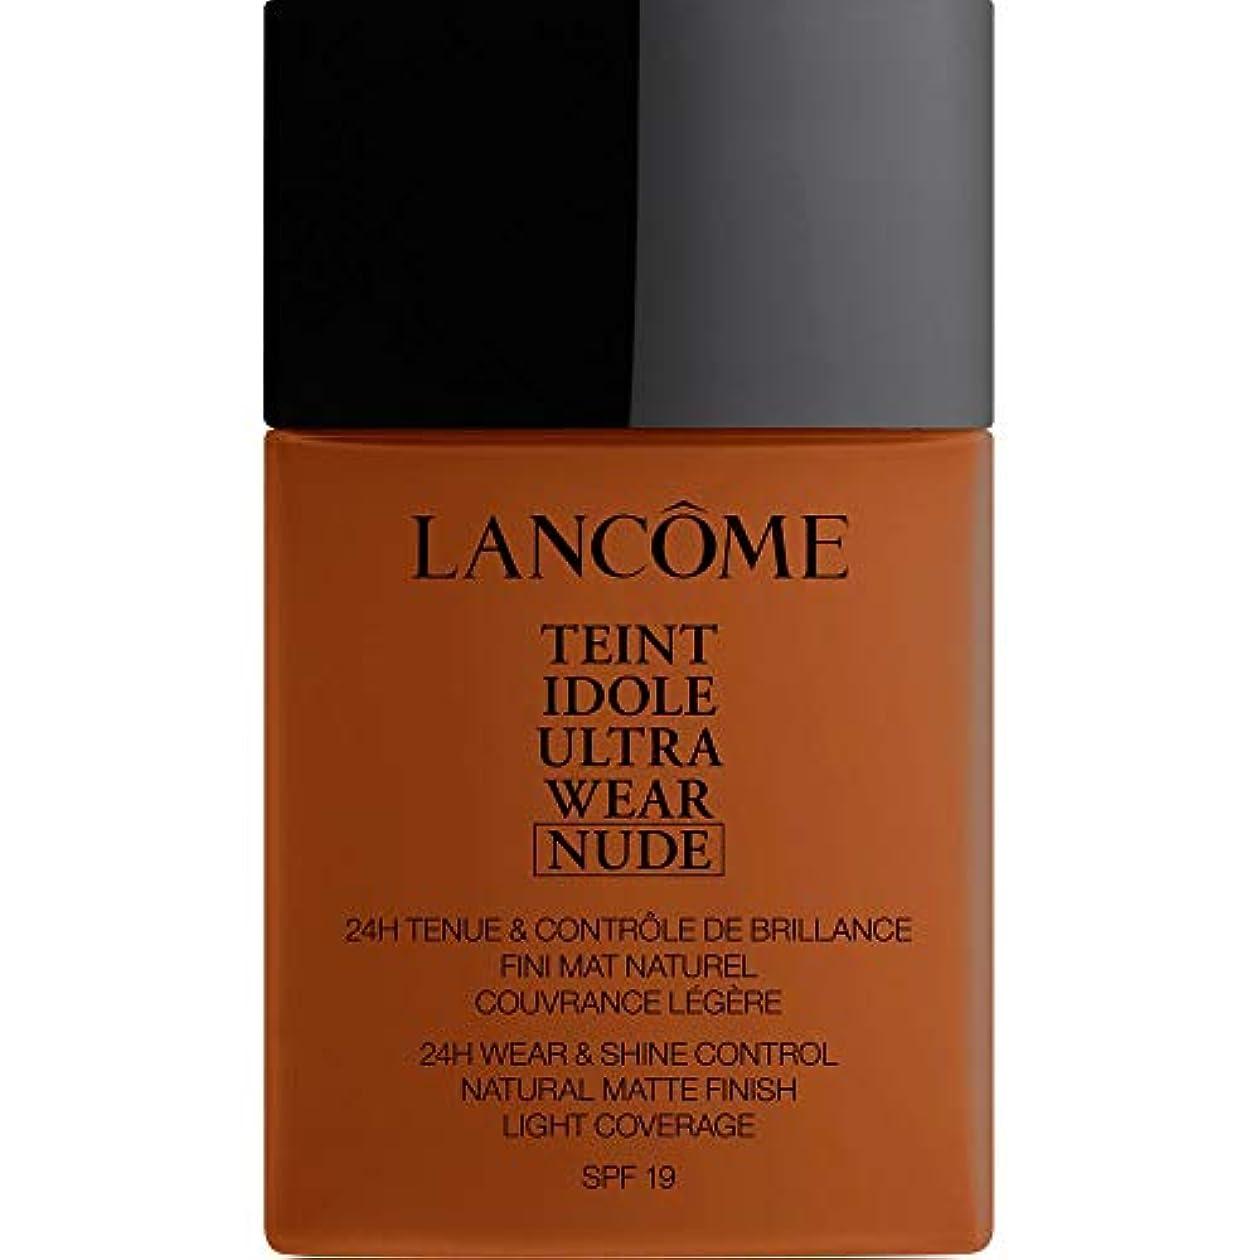 疲れたピクニックをするボリューム[Lanc?me ] ランコムTeintのIdole超摩耗ヌード財団Spf19の40ミリリットル13.2 - ブラン - Lancome Teint Idole Ultra Wear Nude Foundation SPF19...